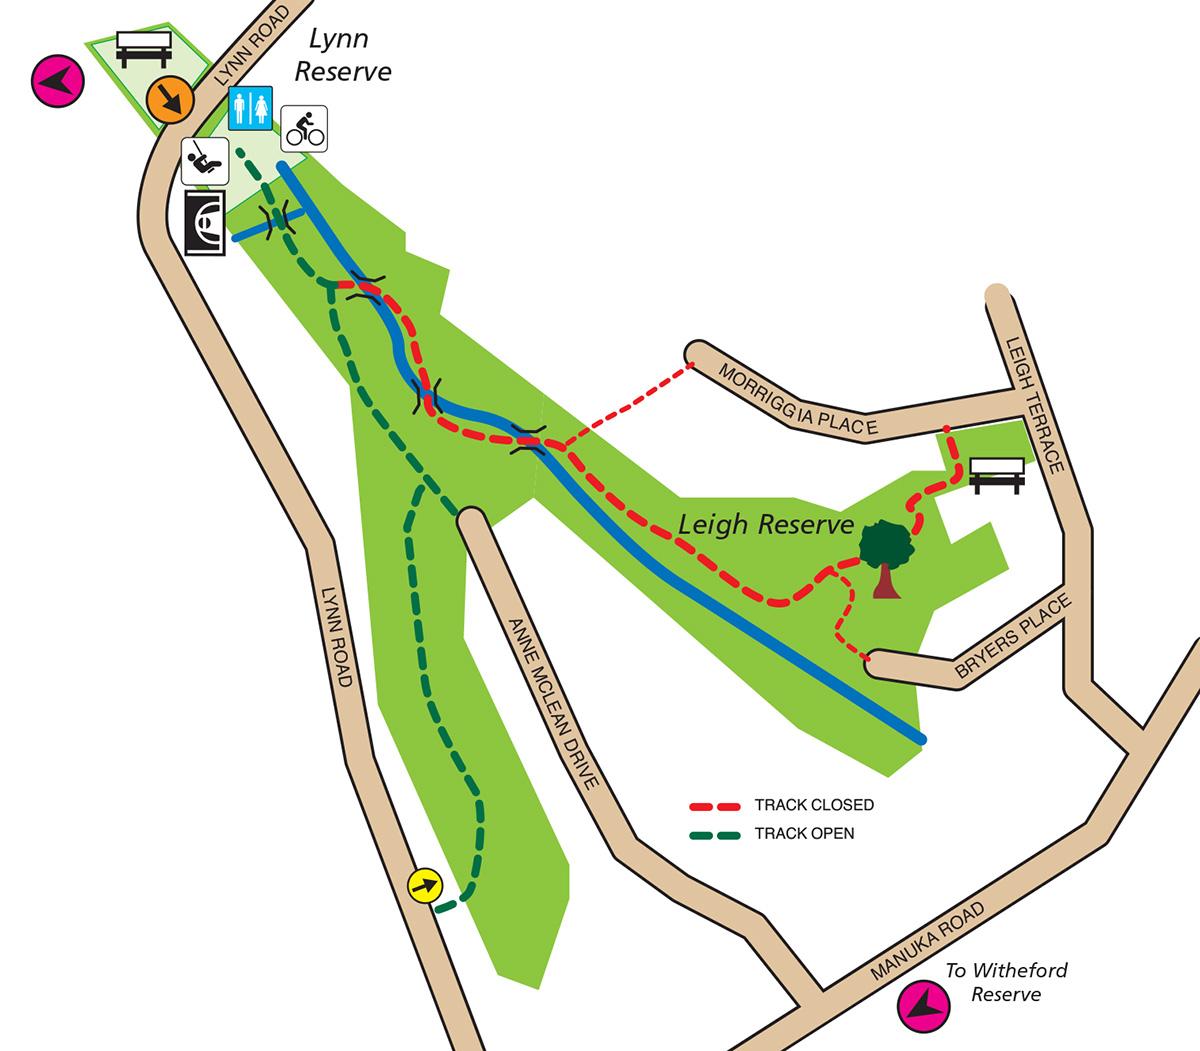 Lynn-leigh-reserve-map